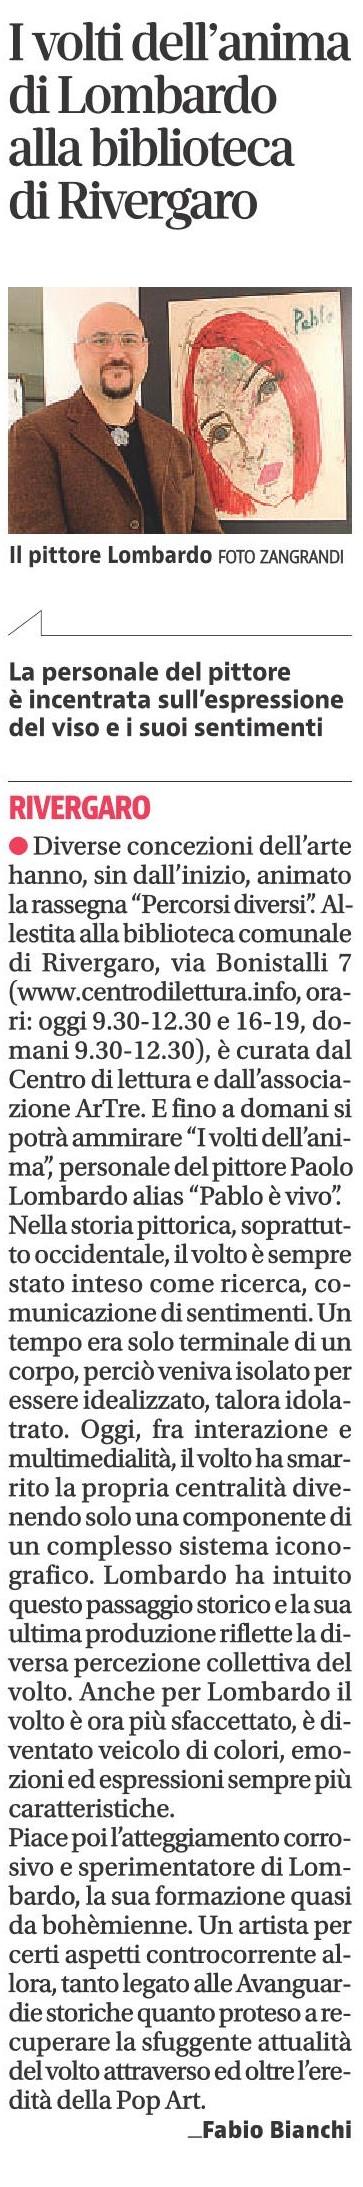 quotidiano Libertà - Paolo Lombardo - Pablo è vivo